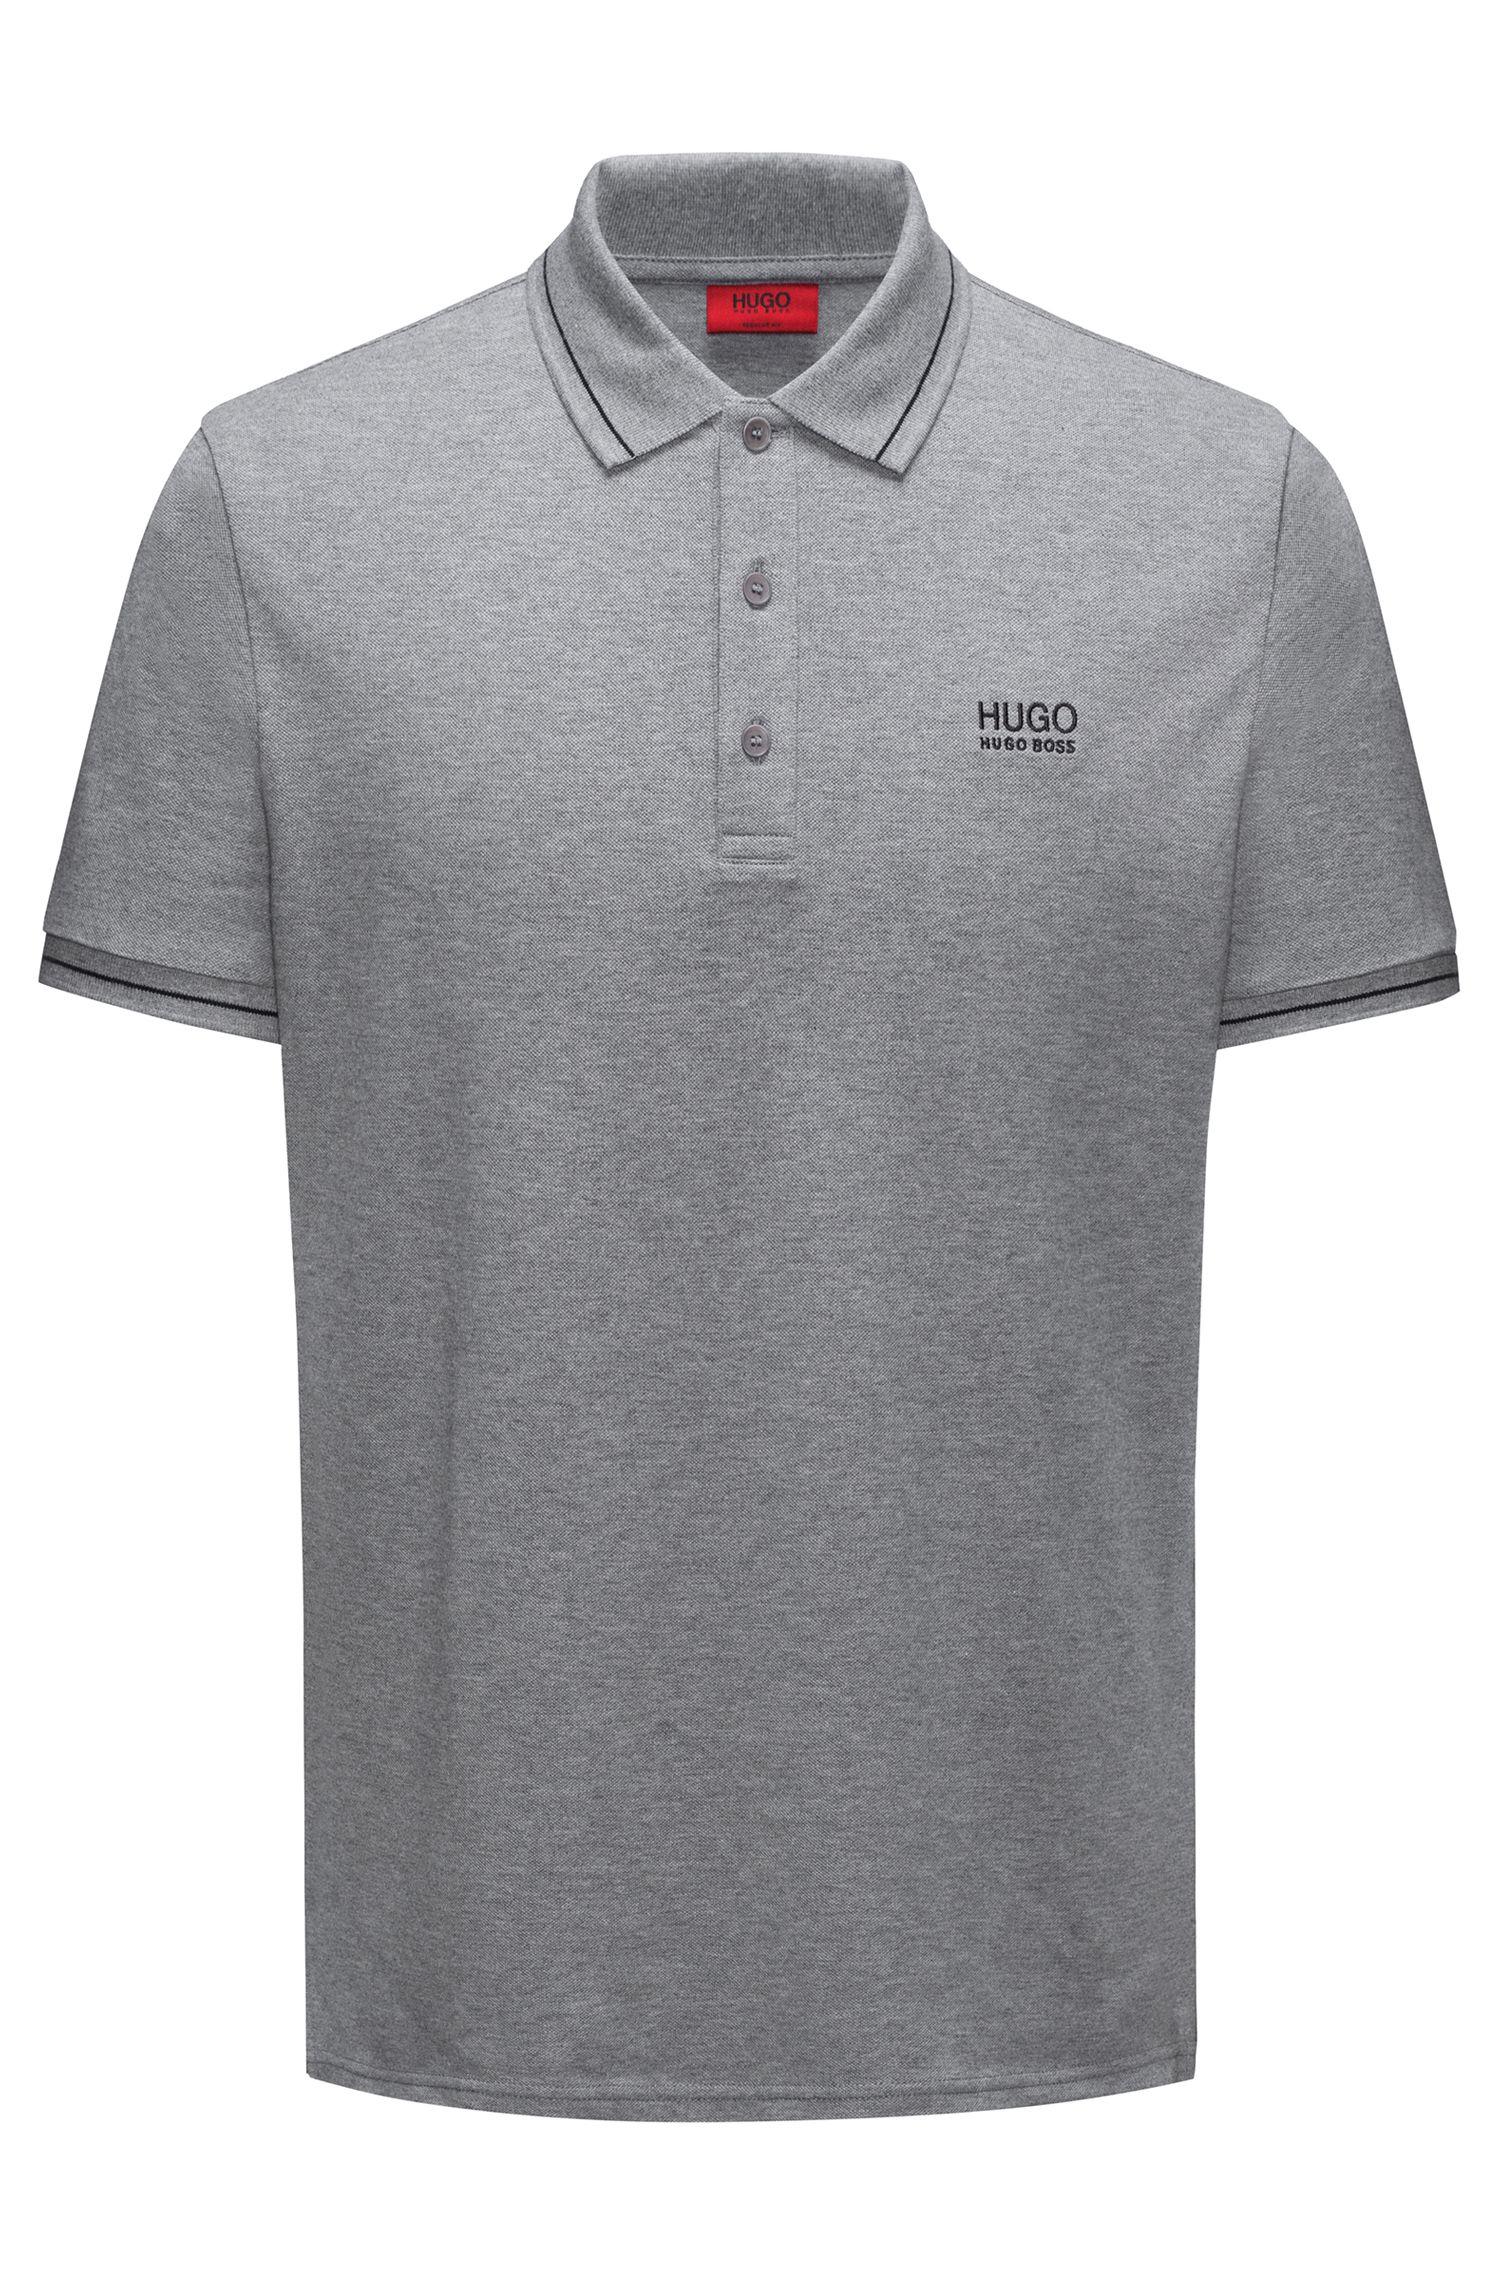 Regular-Fit Poloshirt aus Baumwolle mit Kontrast-Streifen